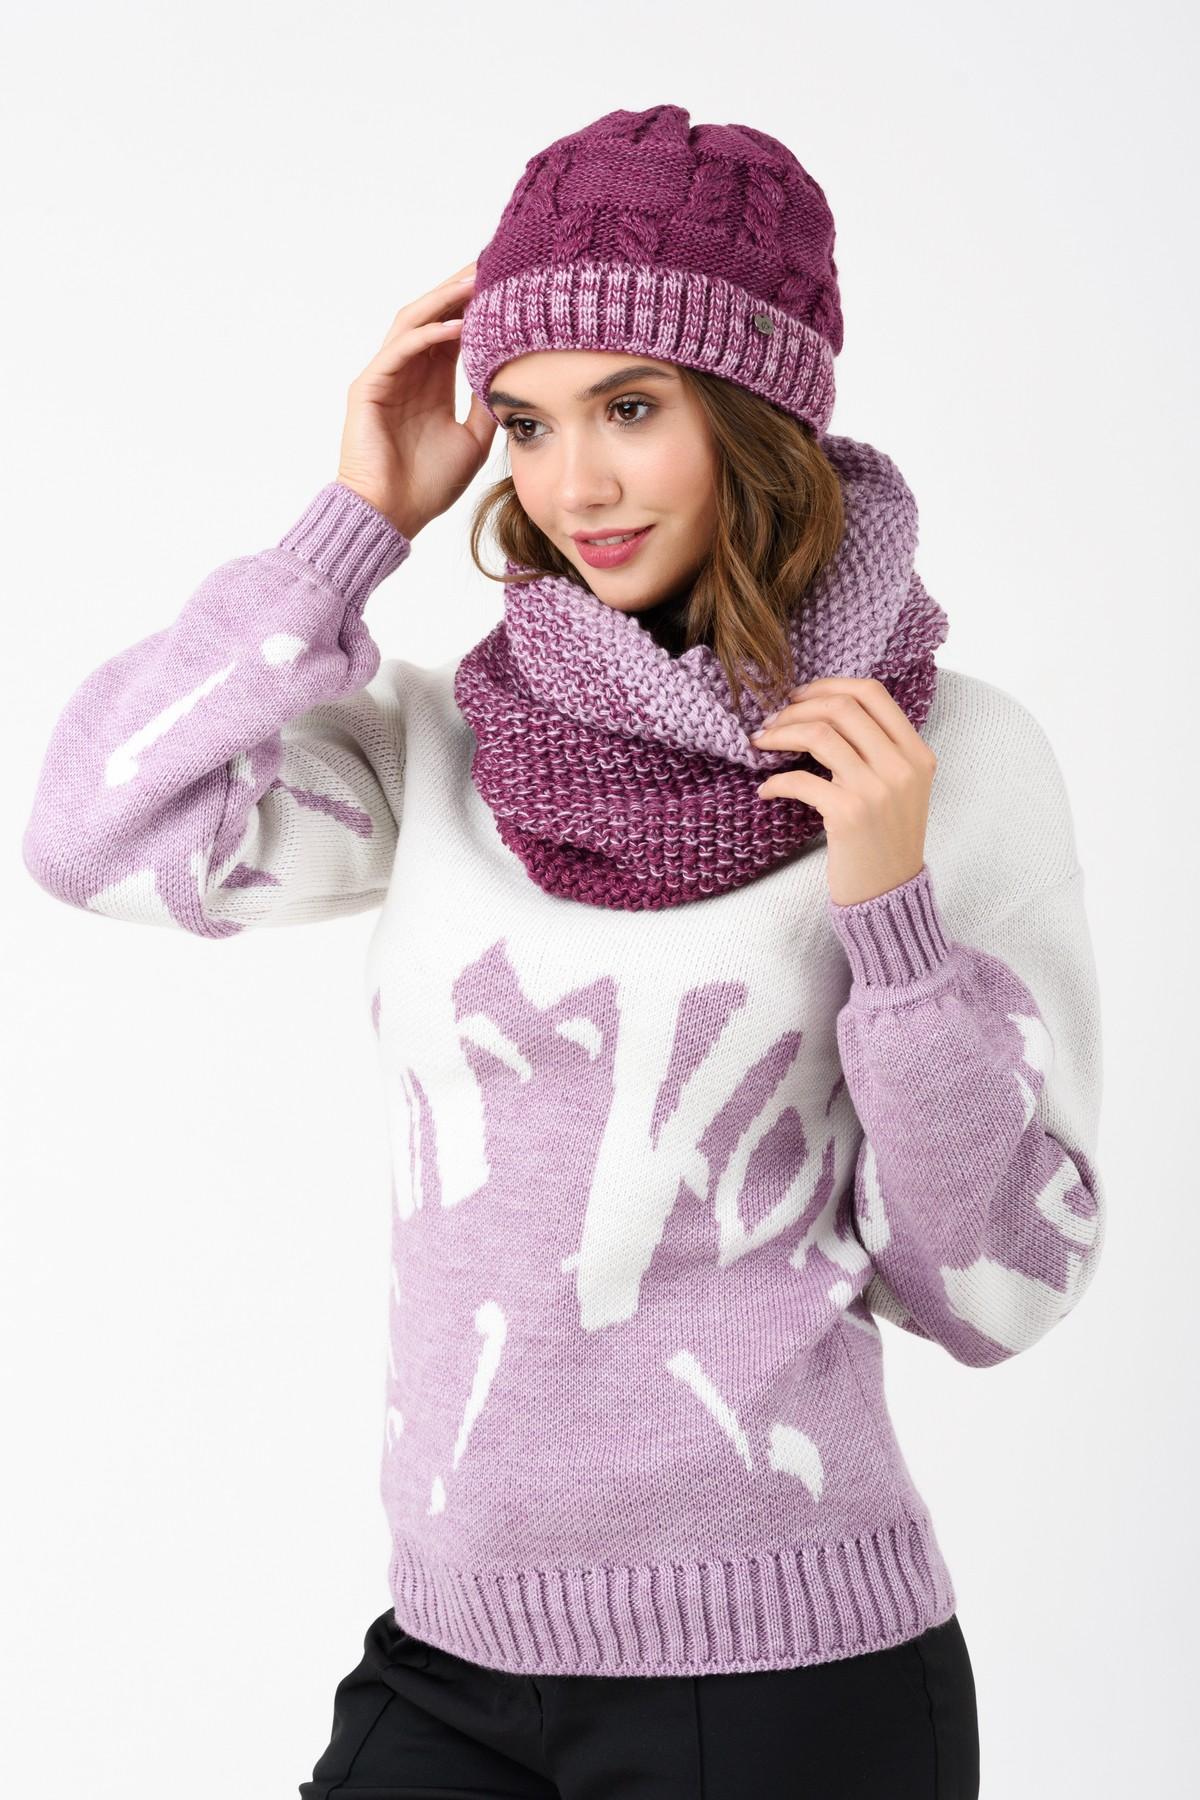 Шапка вязаная, цвет бледно-розовый пудровый — купить в Красноярске ... | 1800x1200